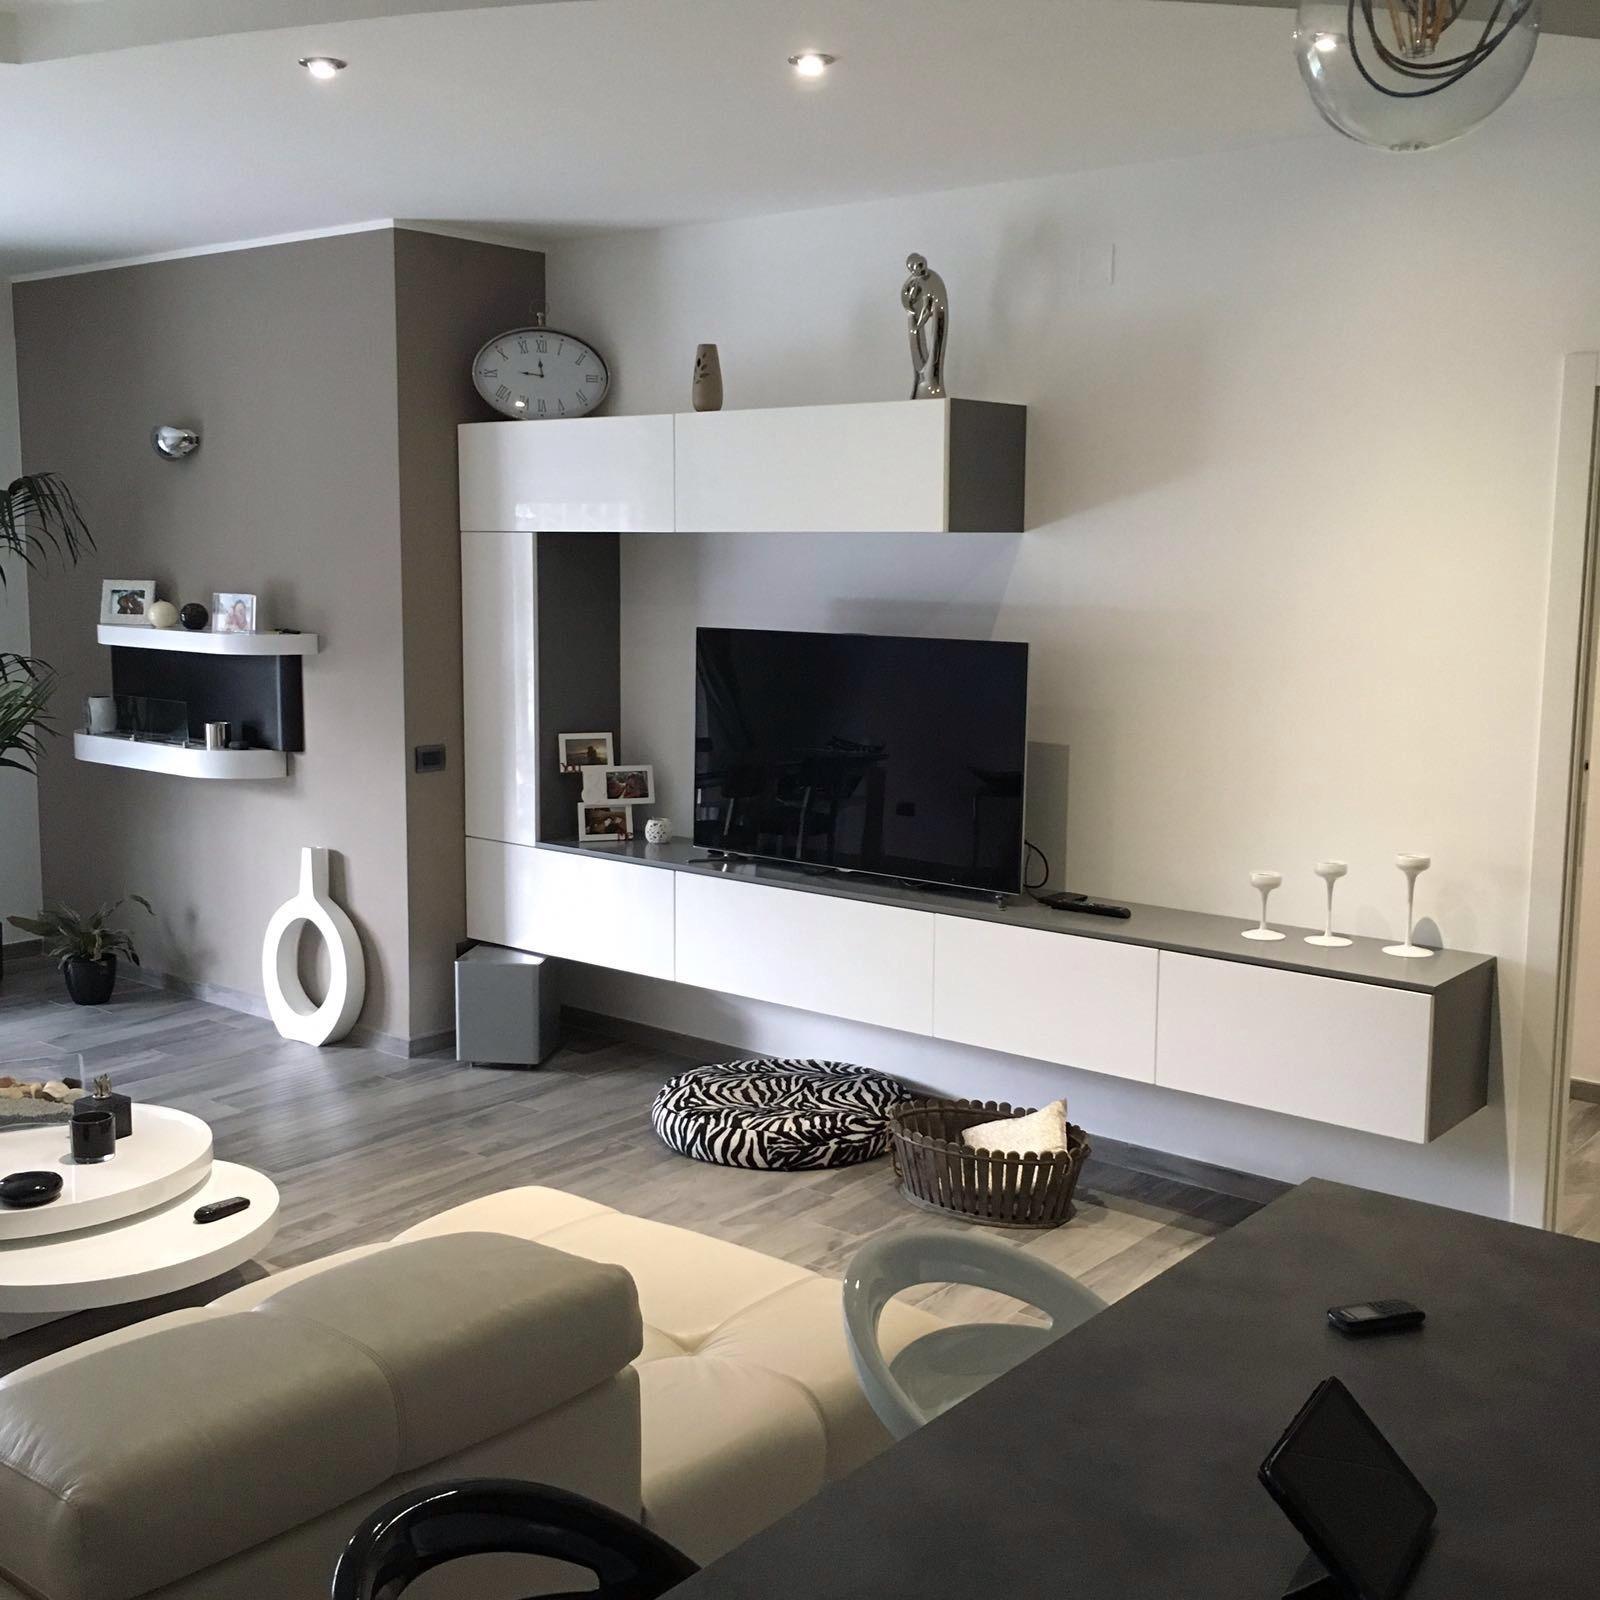 Cucina e living minimal moderno bianco e antracite basile for Livings modernos 2016